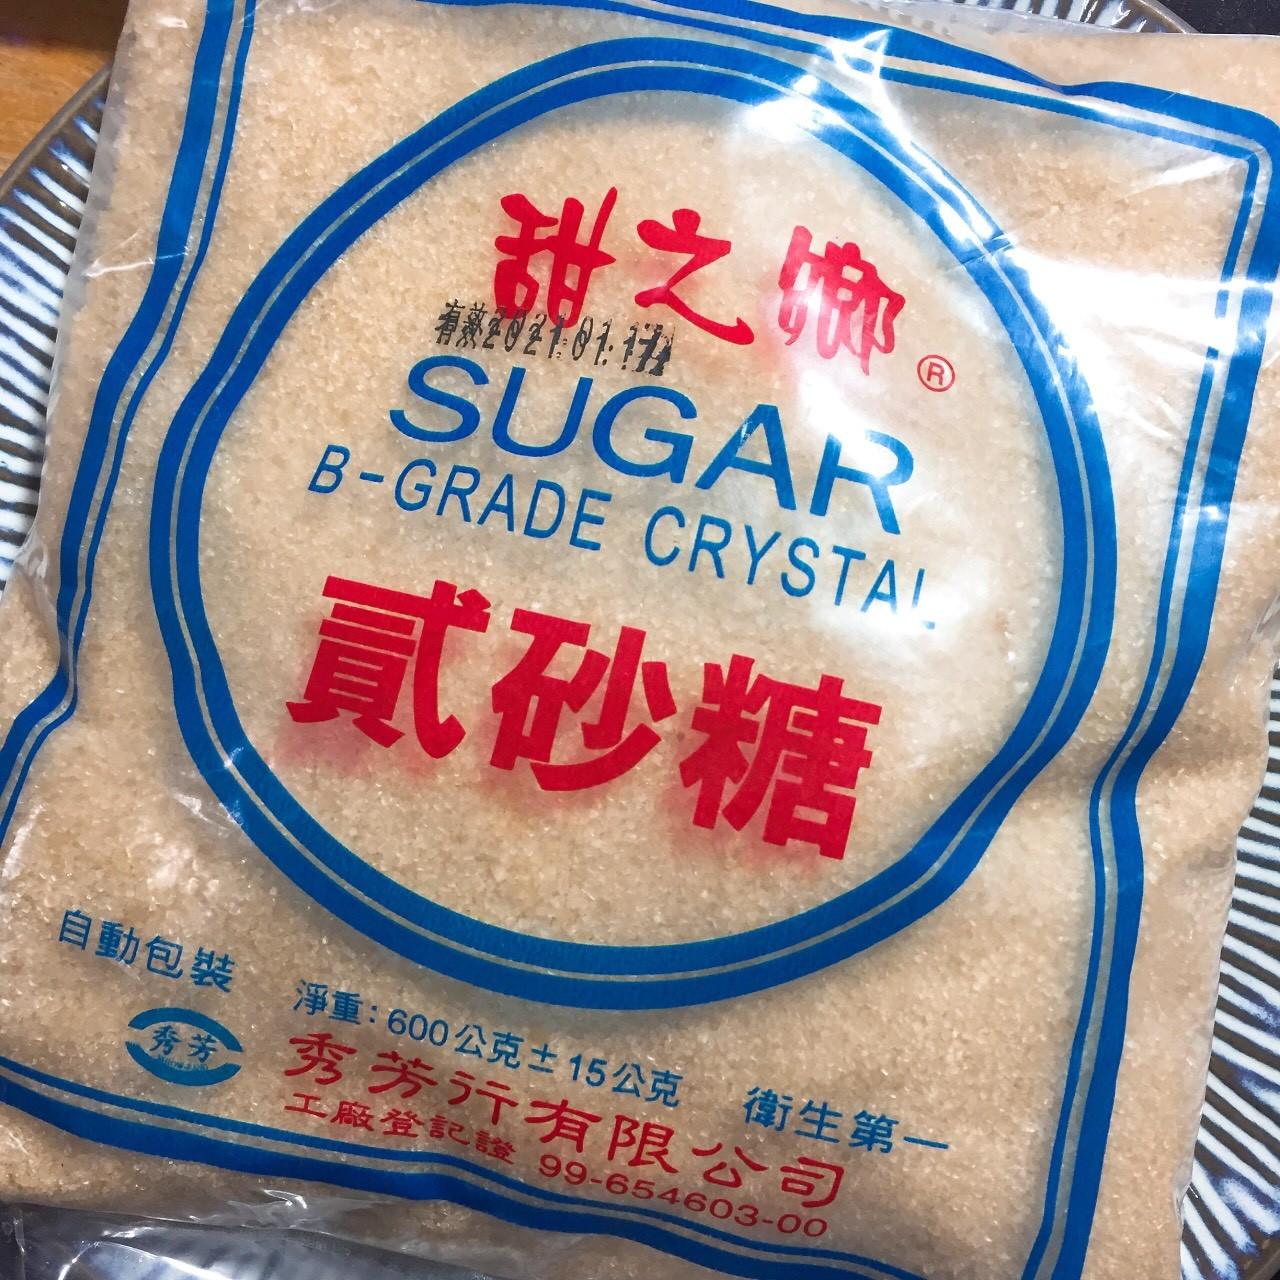 甜之鄉_黑糖_貳砂糖_冰糖_三種選擇